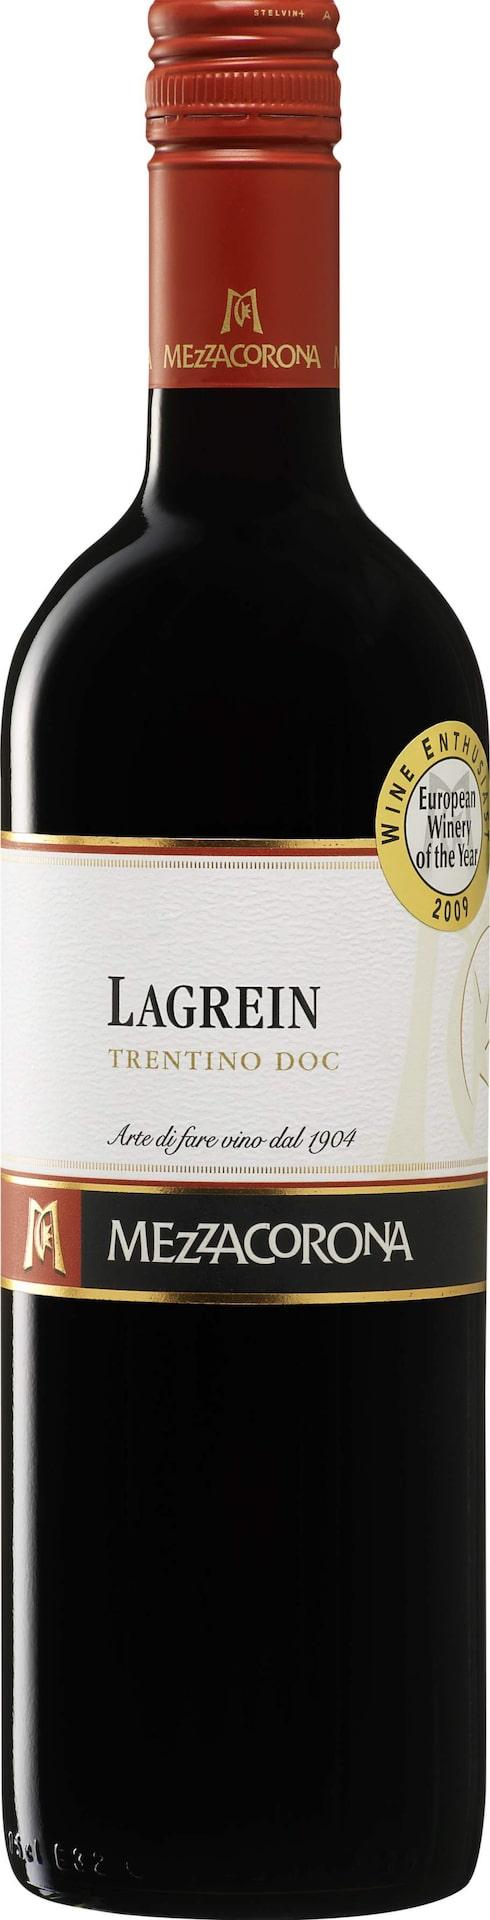 Mezzacorona Lagrein 2011 (22951) Italien, 69 kr